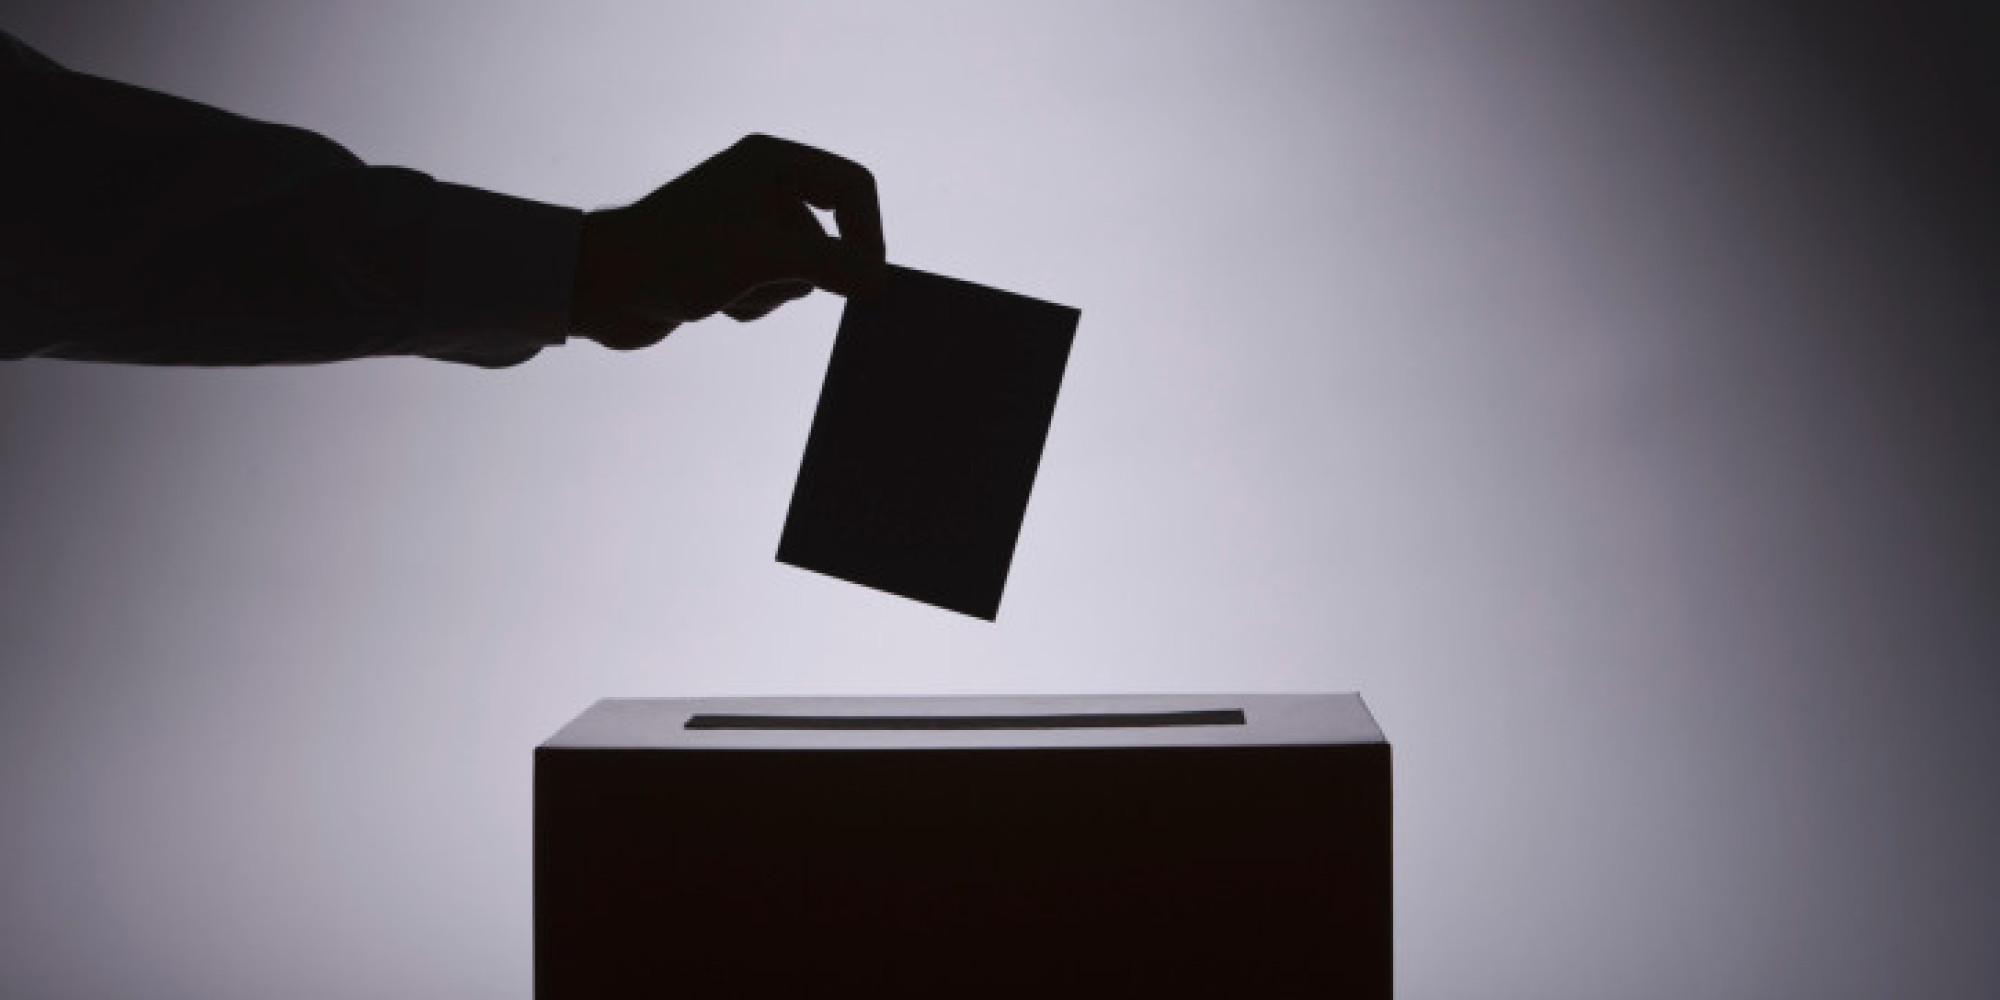 Elecciones democráticas, ¿cambiar para que nada cambie?